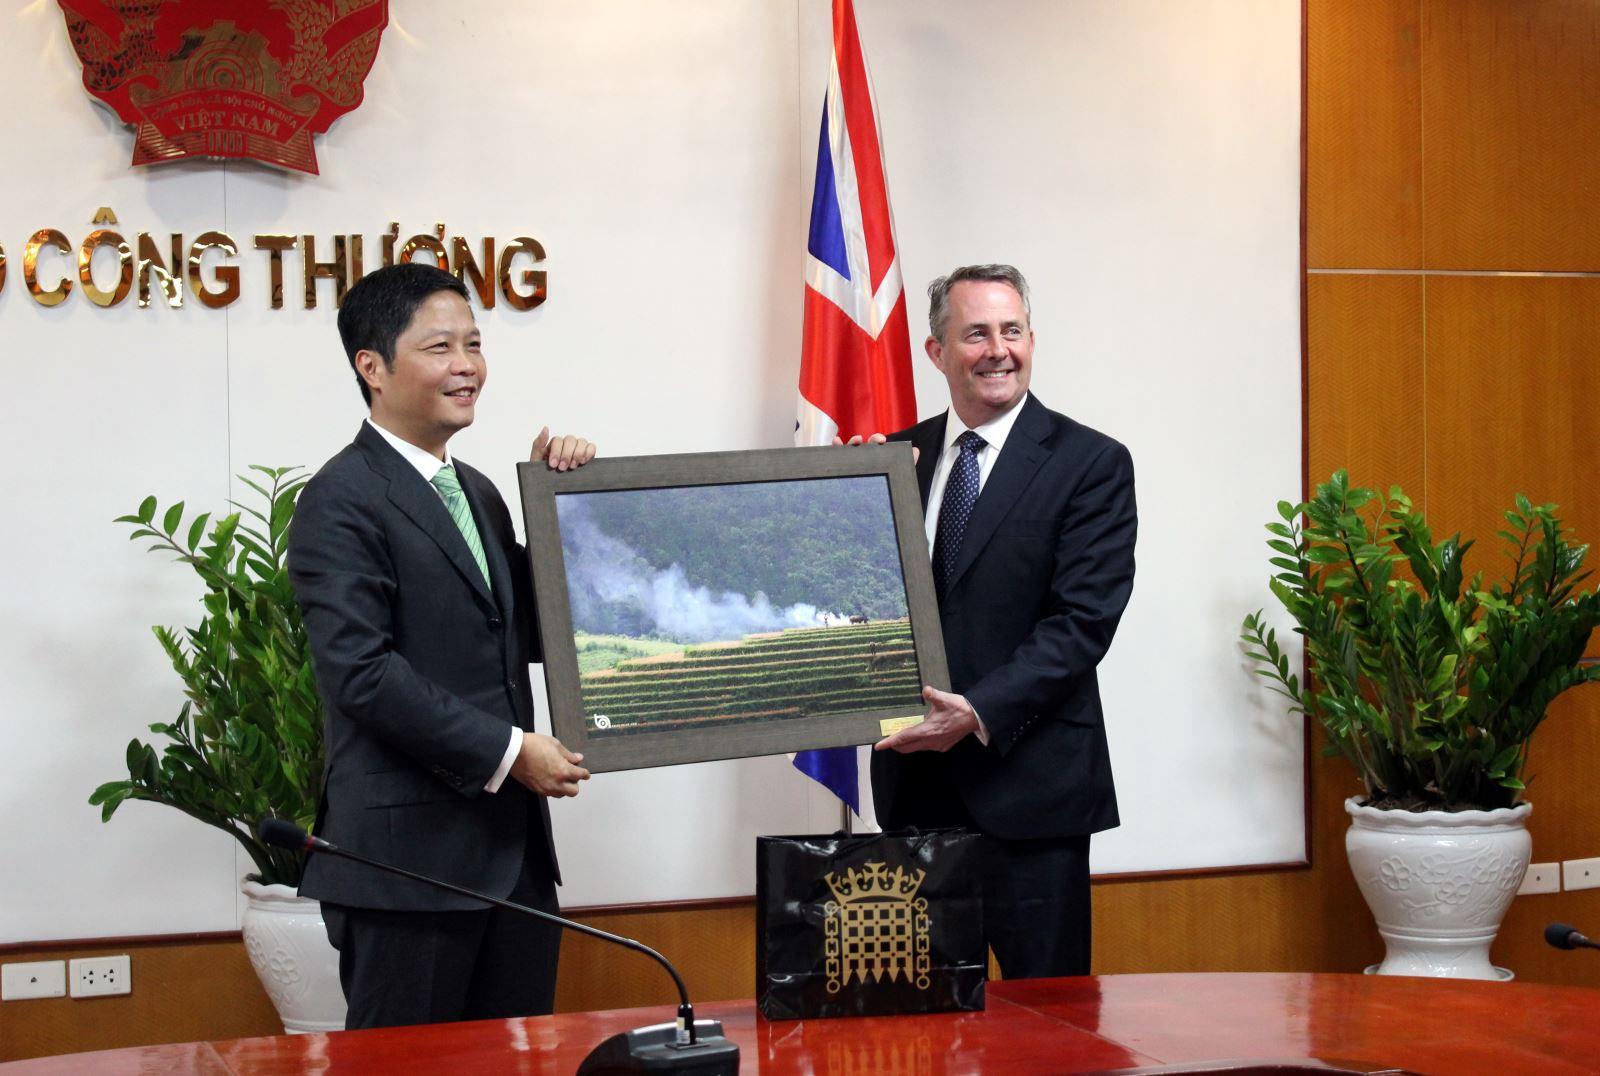 Bộ trưởng Trần Tuấn Anh tiếp Bộ trưởng Thương mại quốc tế Vương quốc Anh